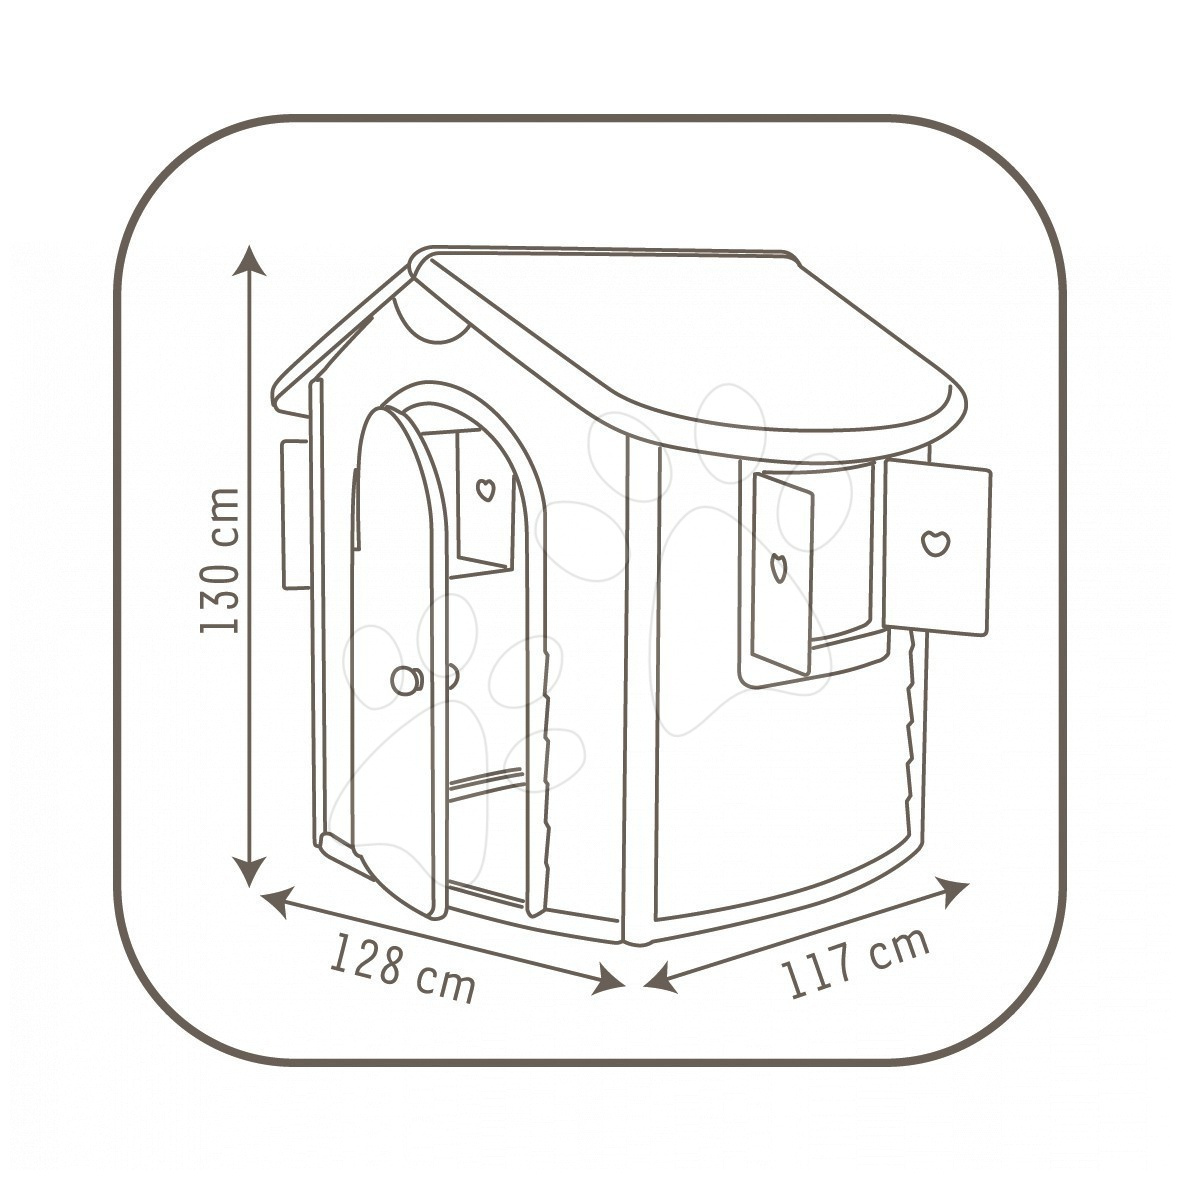 d tsk dome ek smoby jura lodge. Black Bedroom Furniture Sets. Home Design Ideas